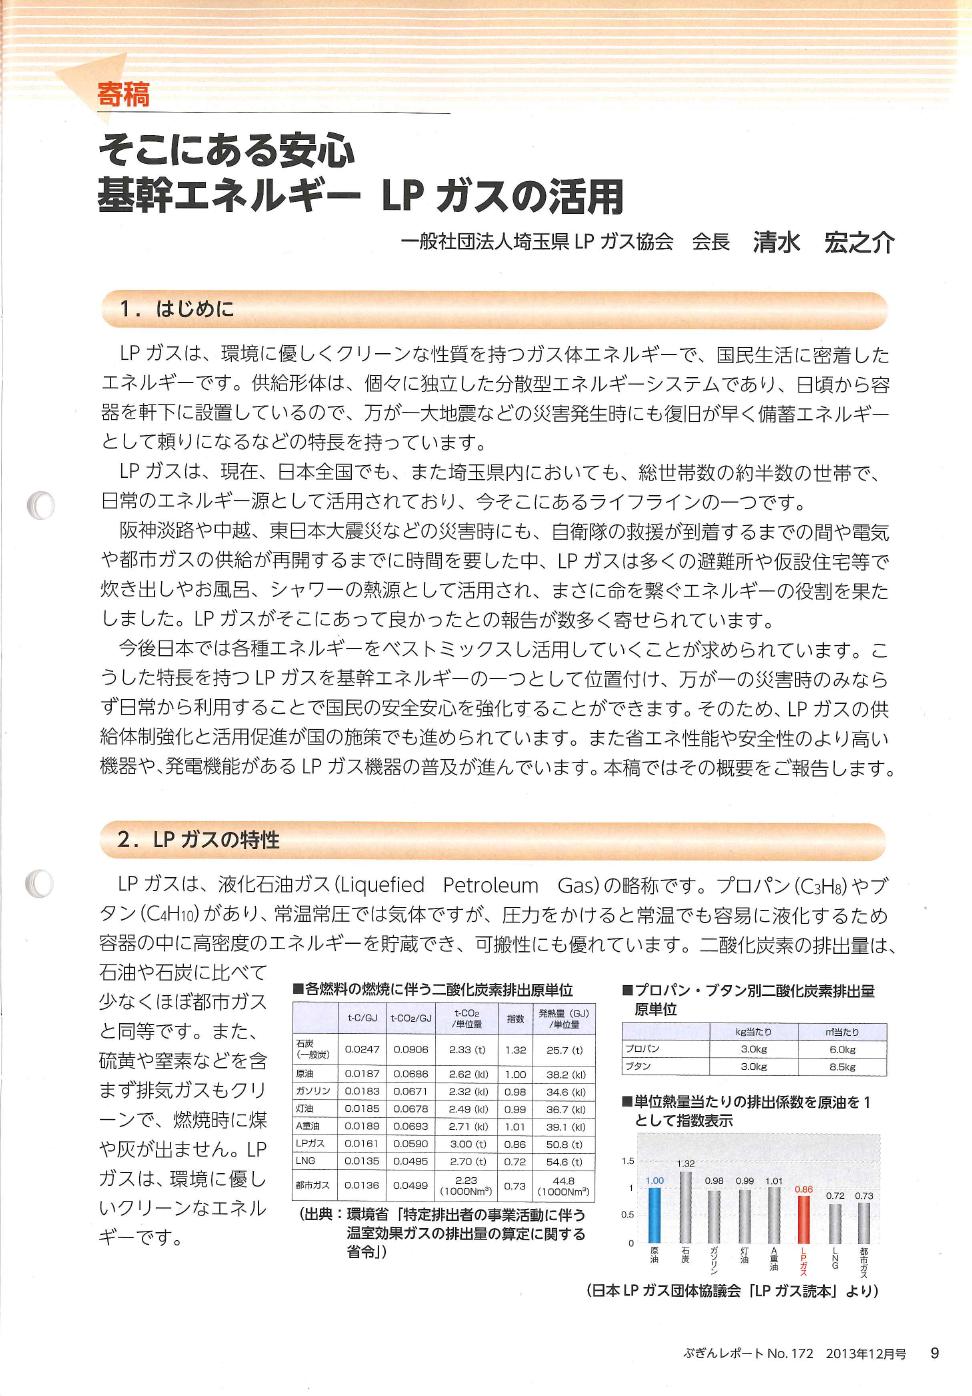 ガス 日本 協会 lp